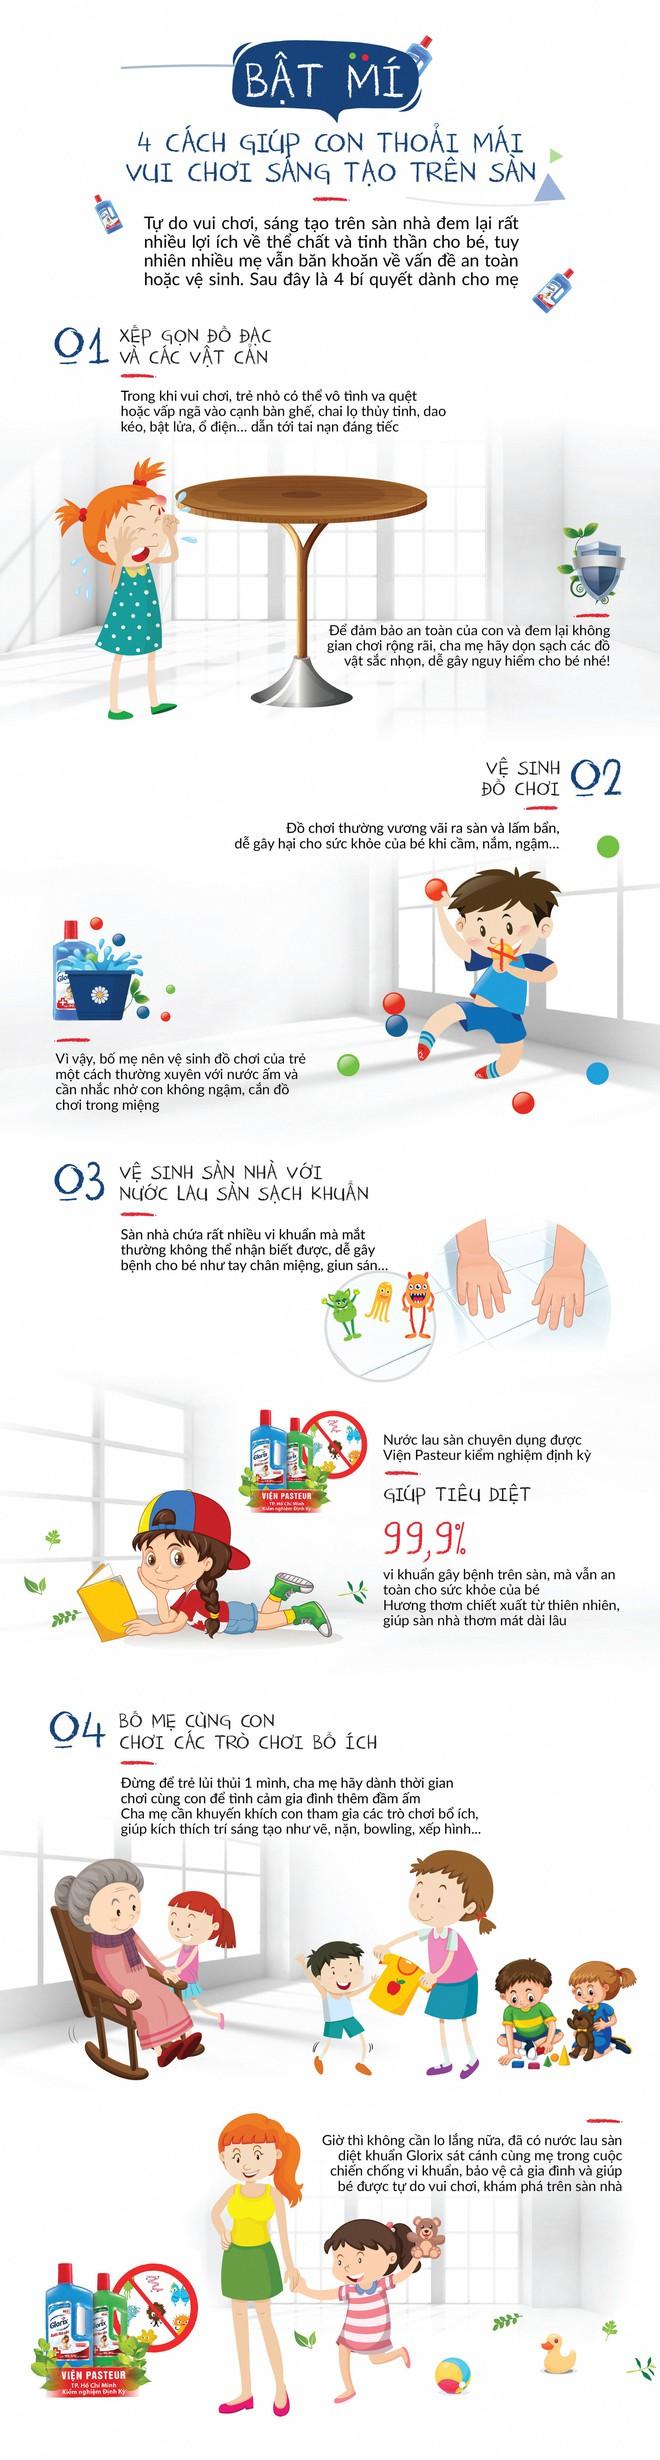 Bật mí 4 cách giúp con thoải mái vui chơi sáng tạo trên sàn nhà - Ảnh 1.